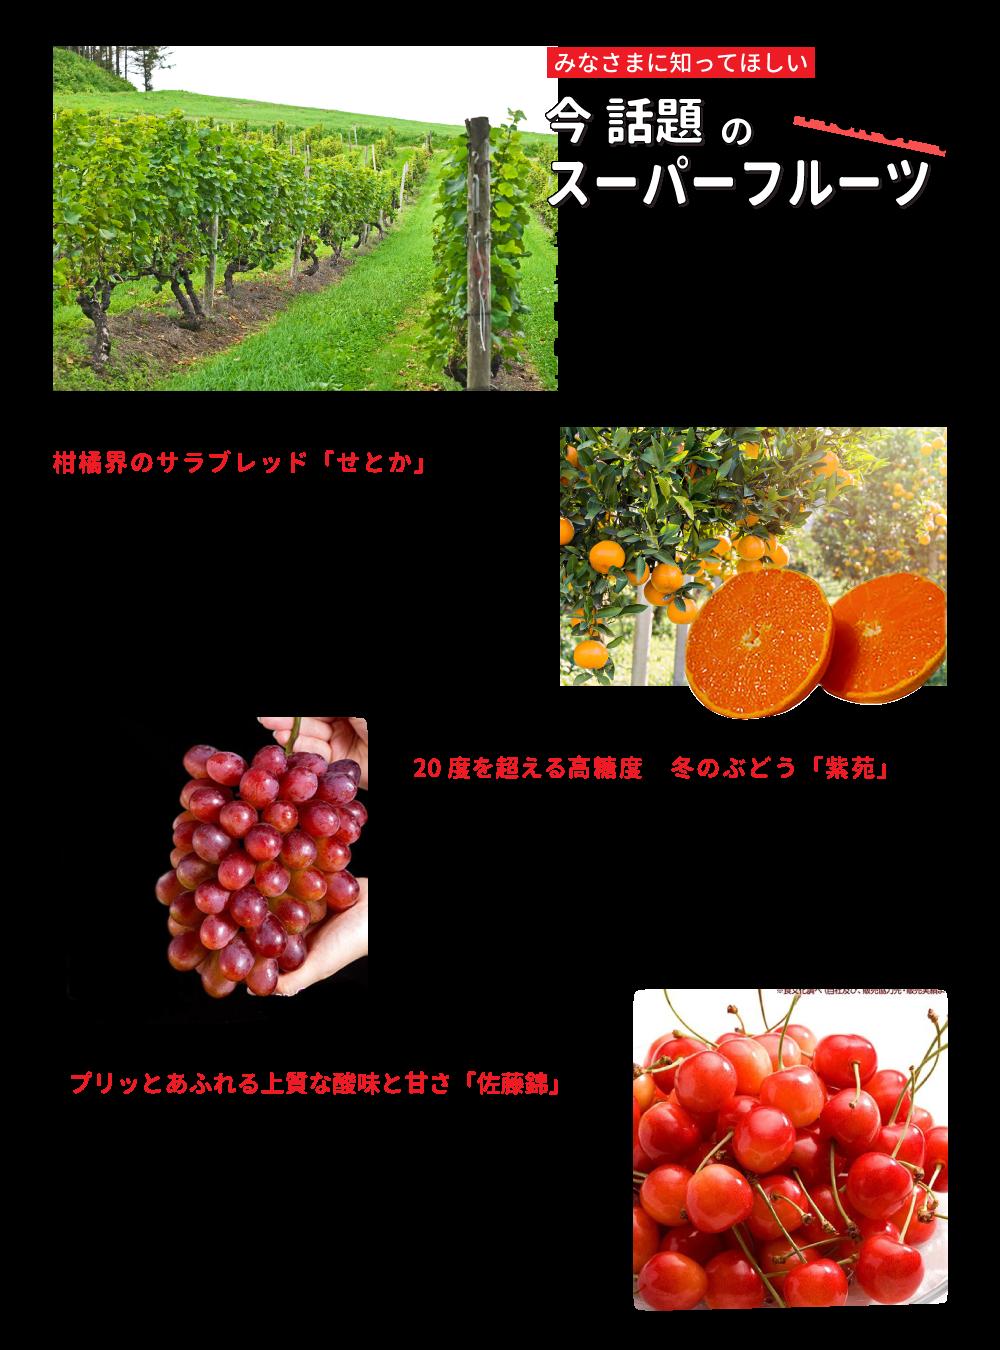 今話題のスーパーフルーツ